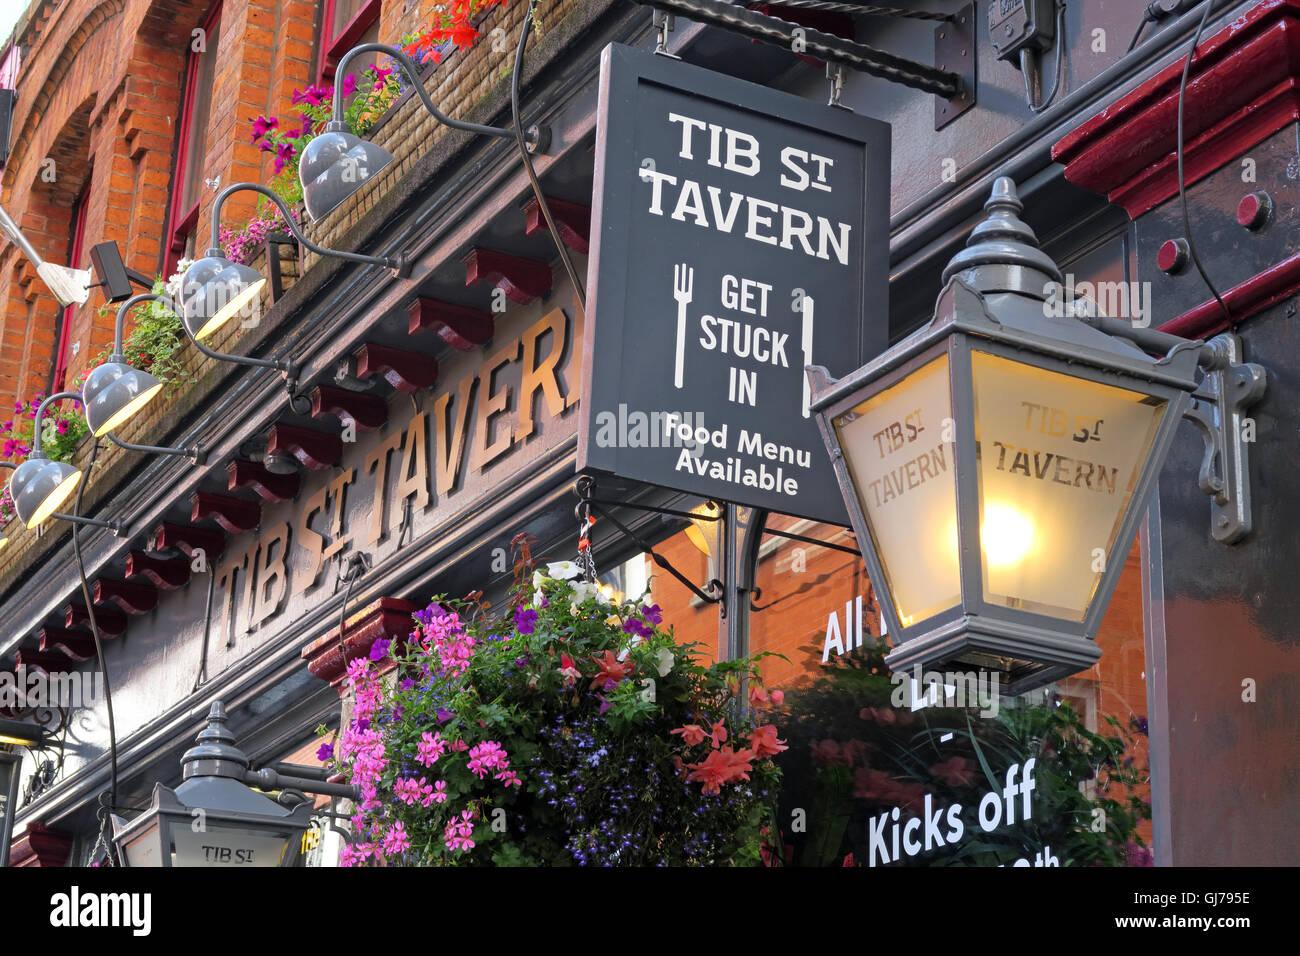 Laden Sie dieses Alamy Stockfoto Die Tib St Taverne, nördlichen Viertel, 74 Tib Street, Manchester, North West England, Großbritannien, M4 1LG - GJ795E